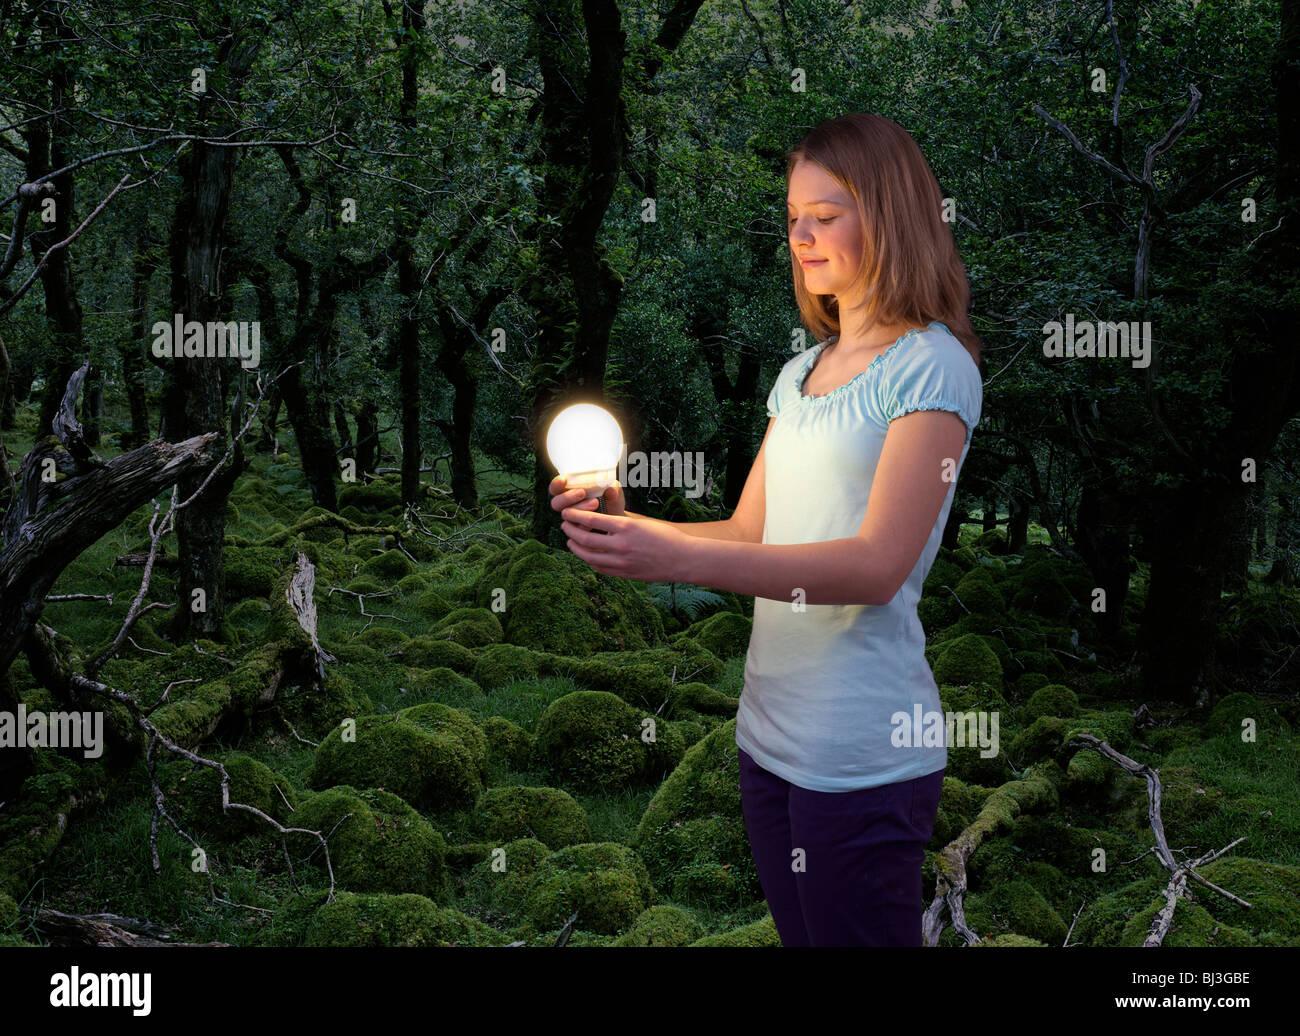 Mädchen mit Energiesparlampe Stockbild